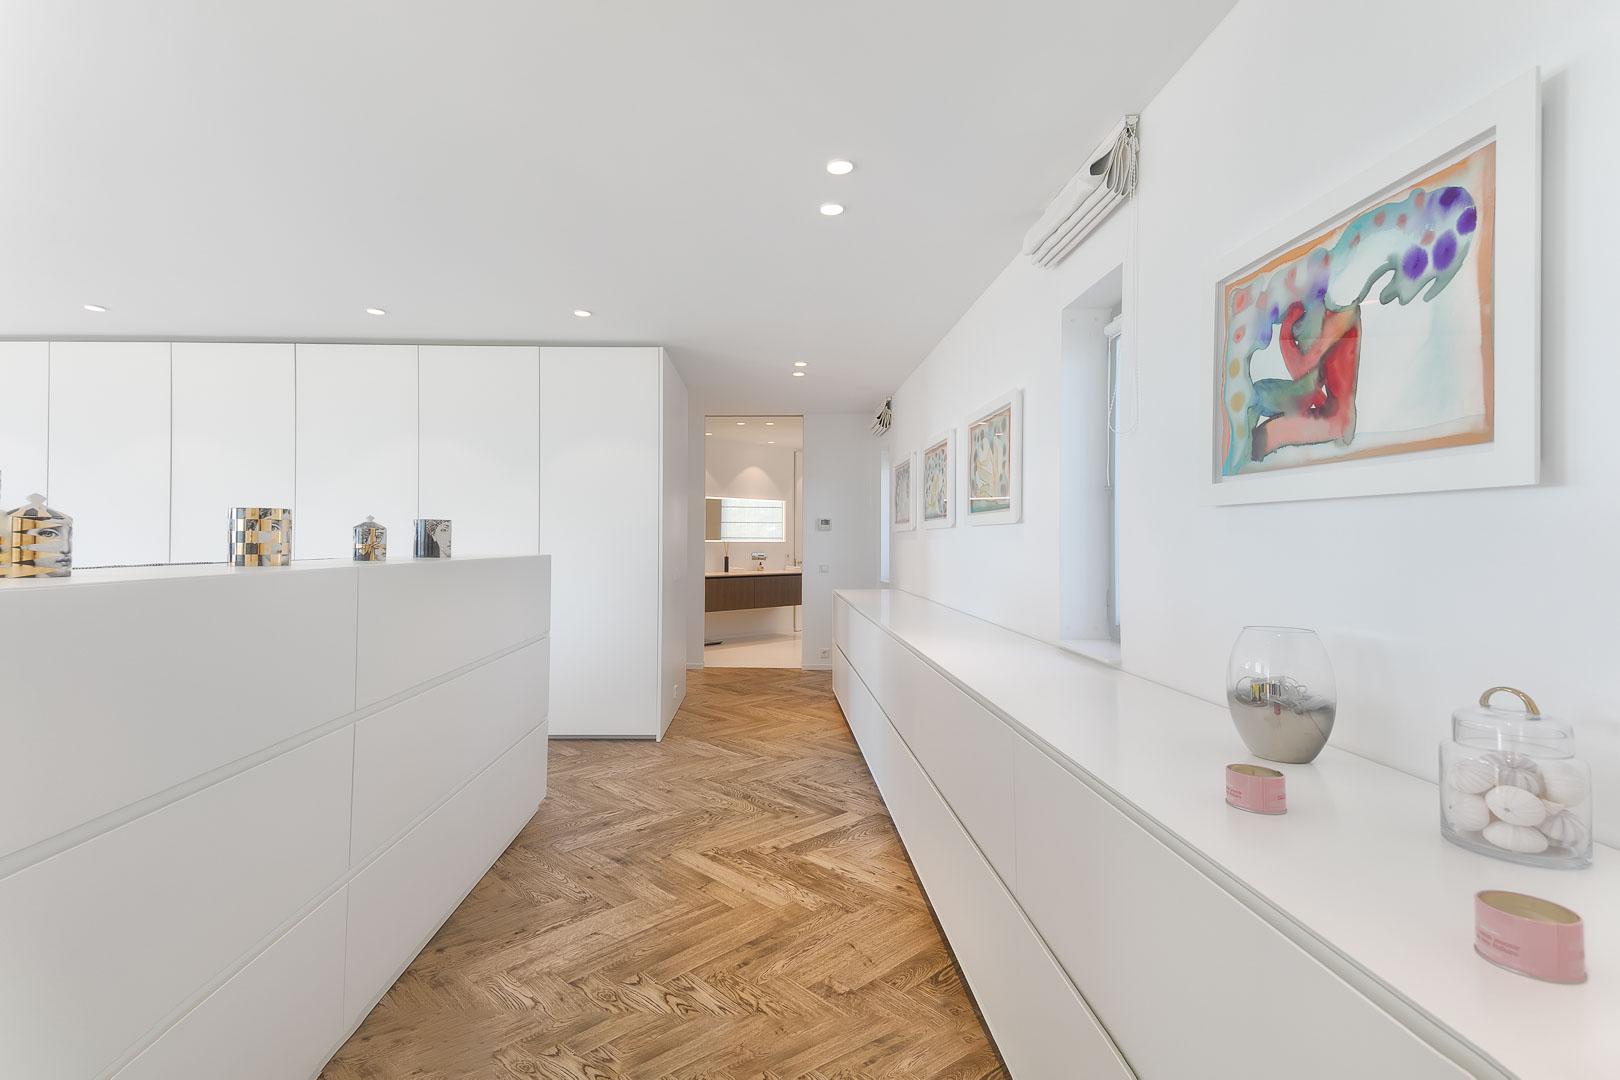 foto profesional real estate de dormitorio interior de villa privada en Ibiza